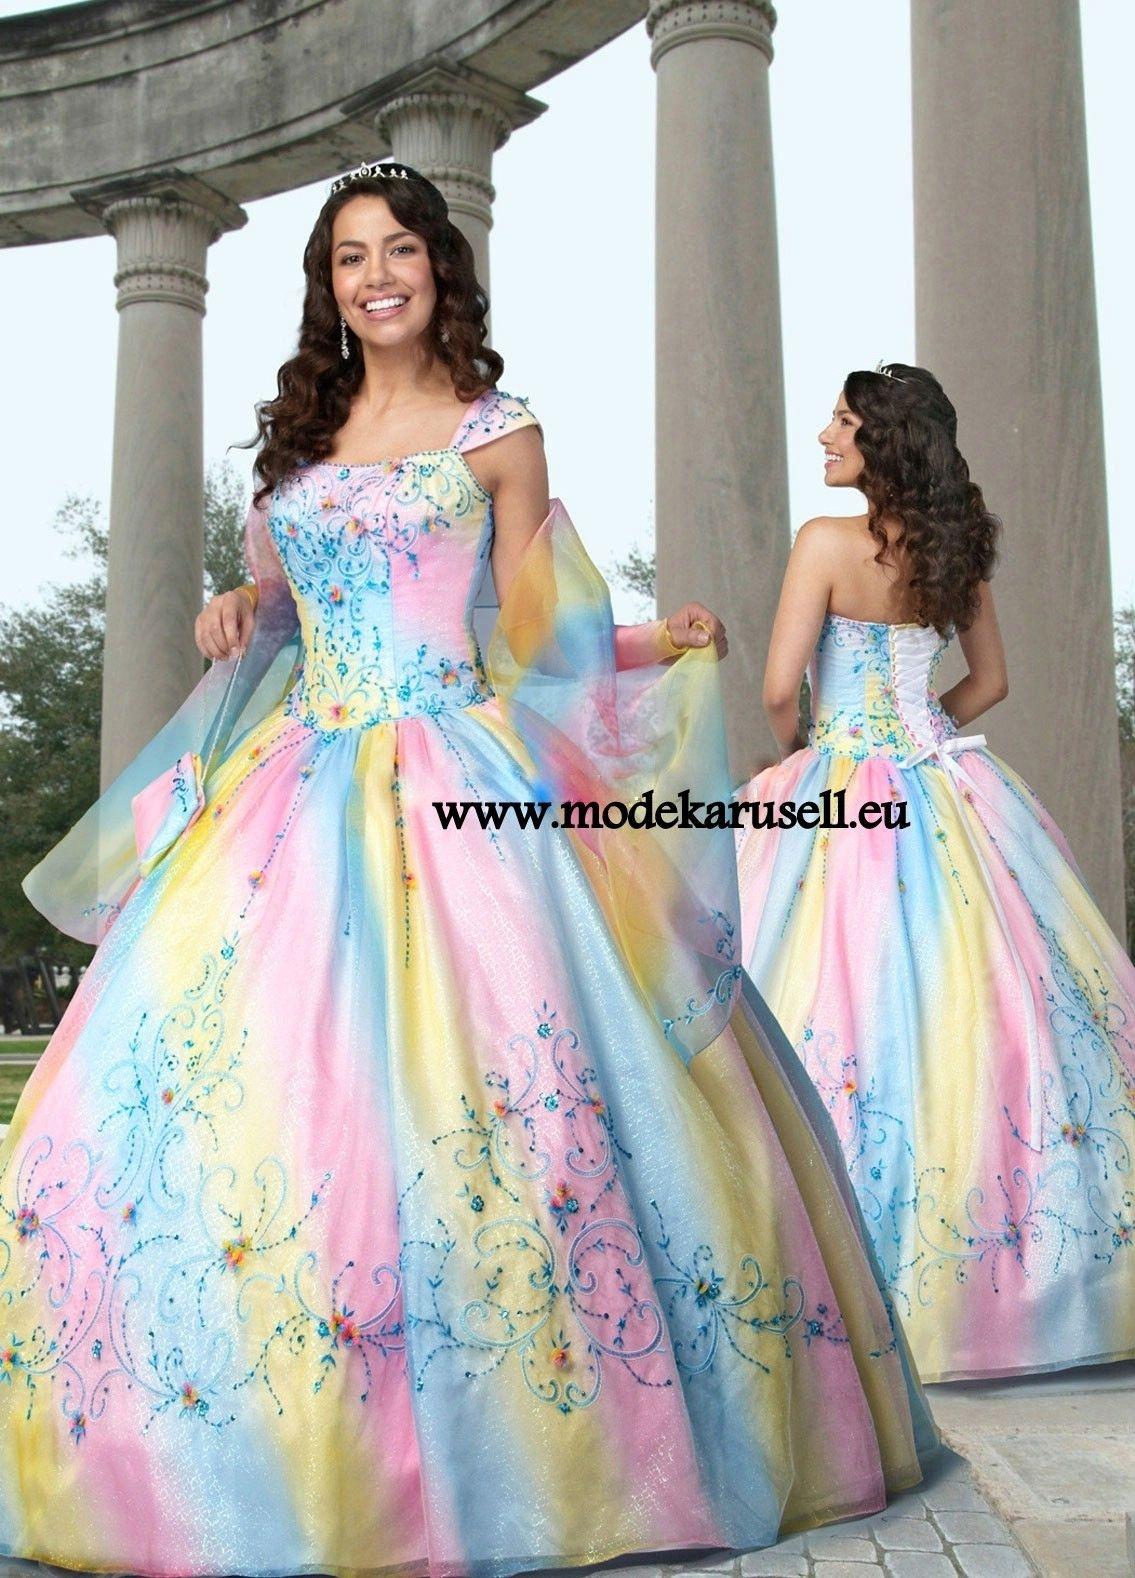 20 Wunderbar Schöne Günstige Abendkleider Ärmel Luxurius Schöne Günstige Abendkleider Bester Preis